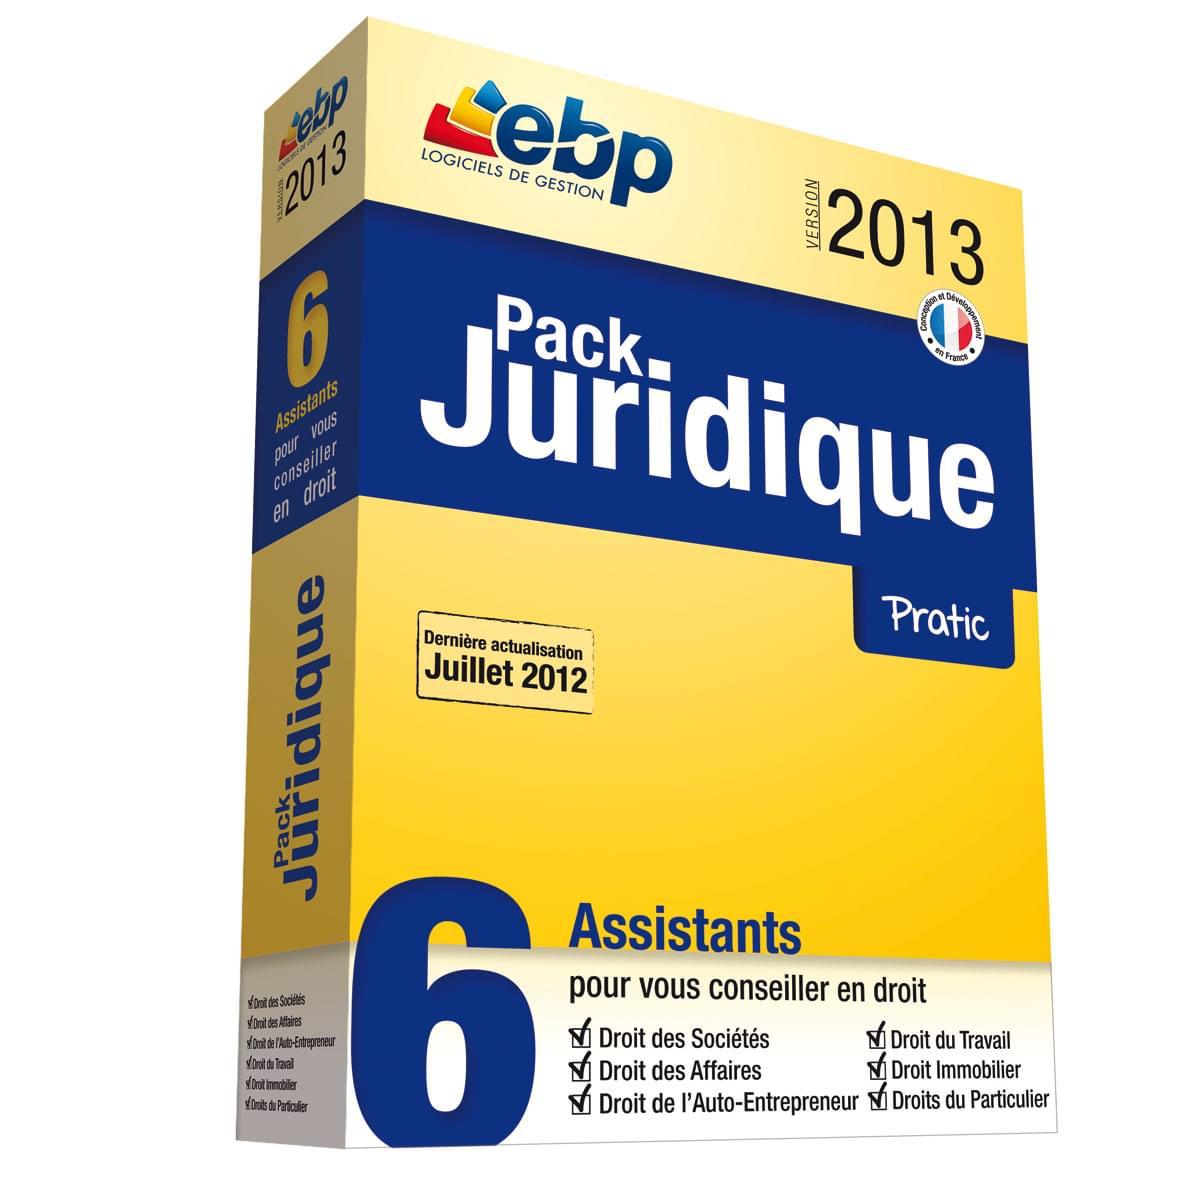 EBP Pack Juridique Pratic 2013 (1089E050FAG) - Achat / Vente Logiciel application sur Cybertek.fr - 0